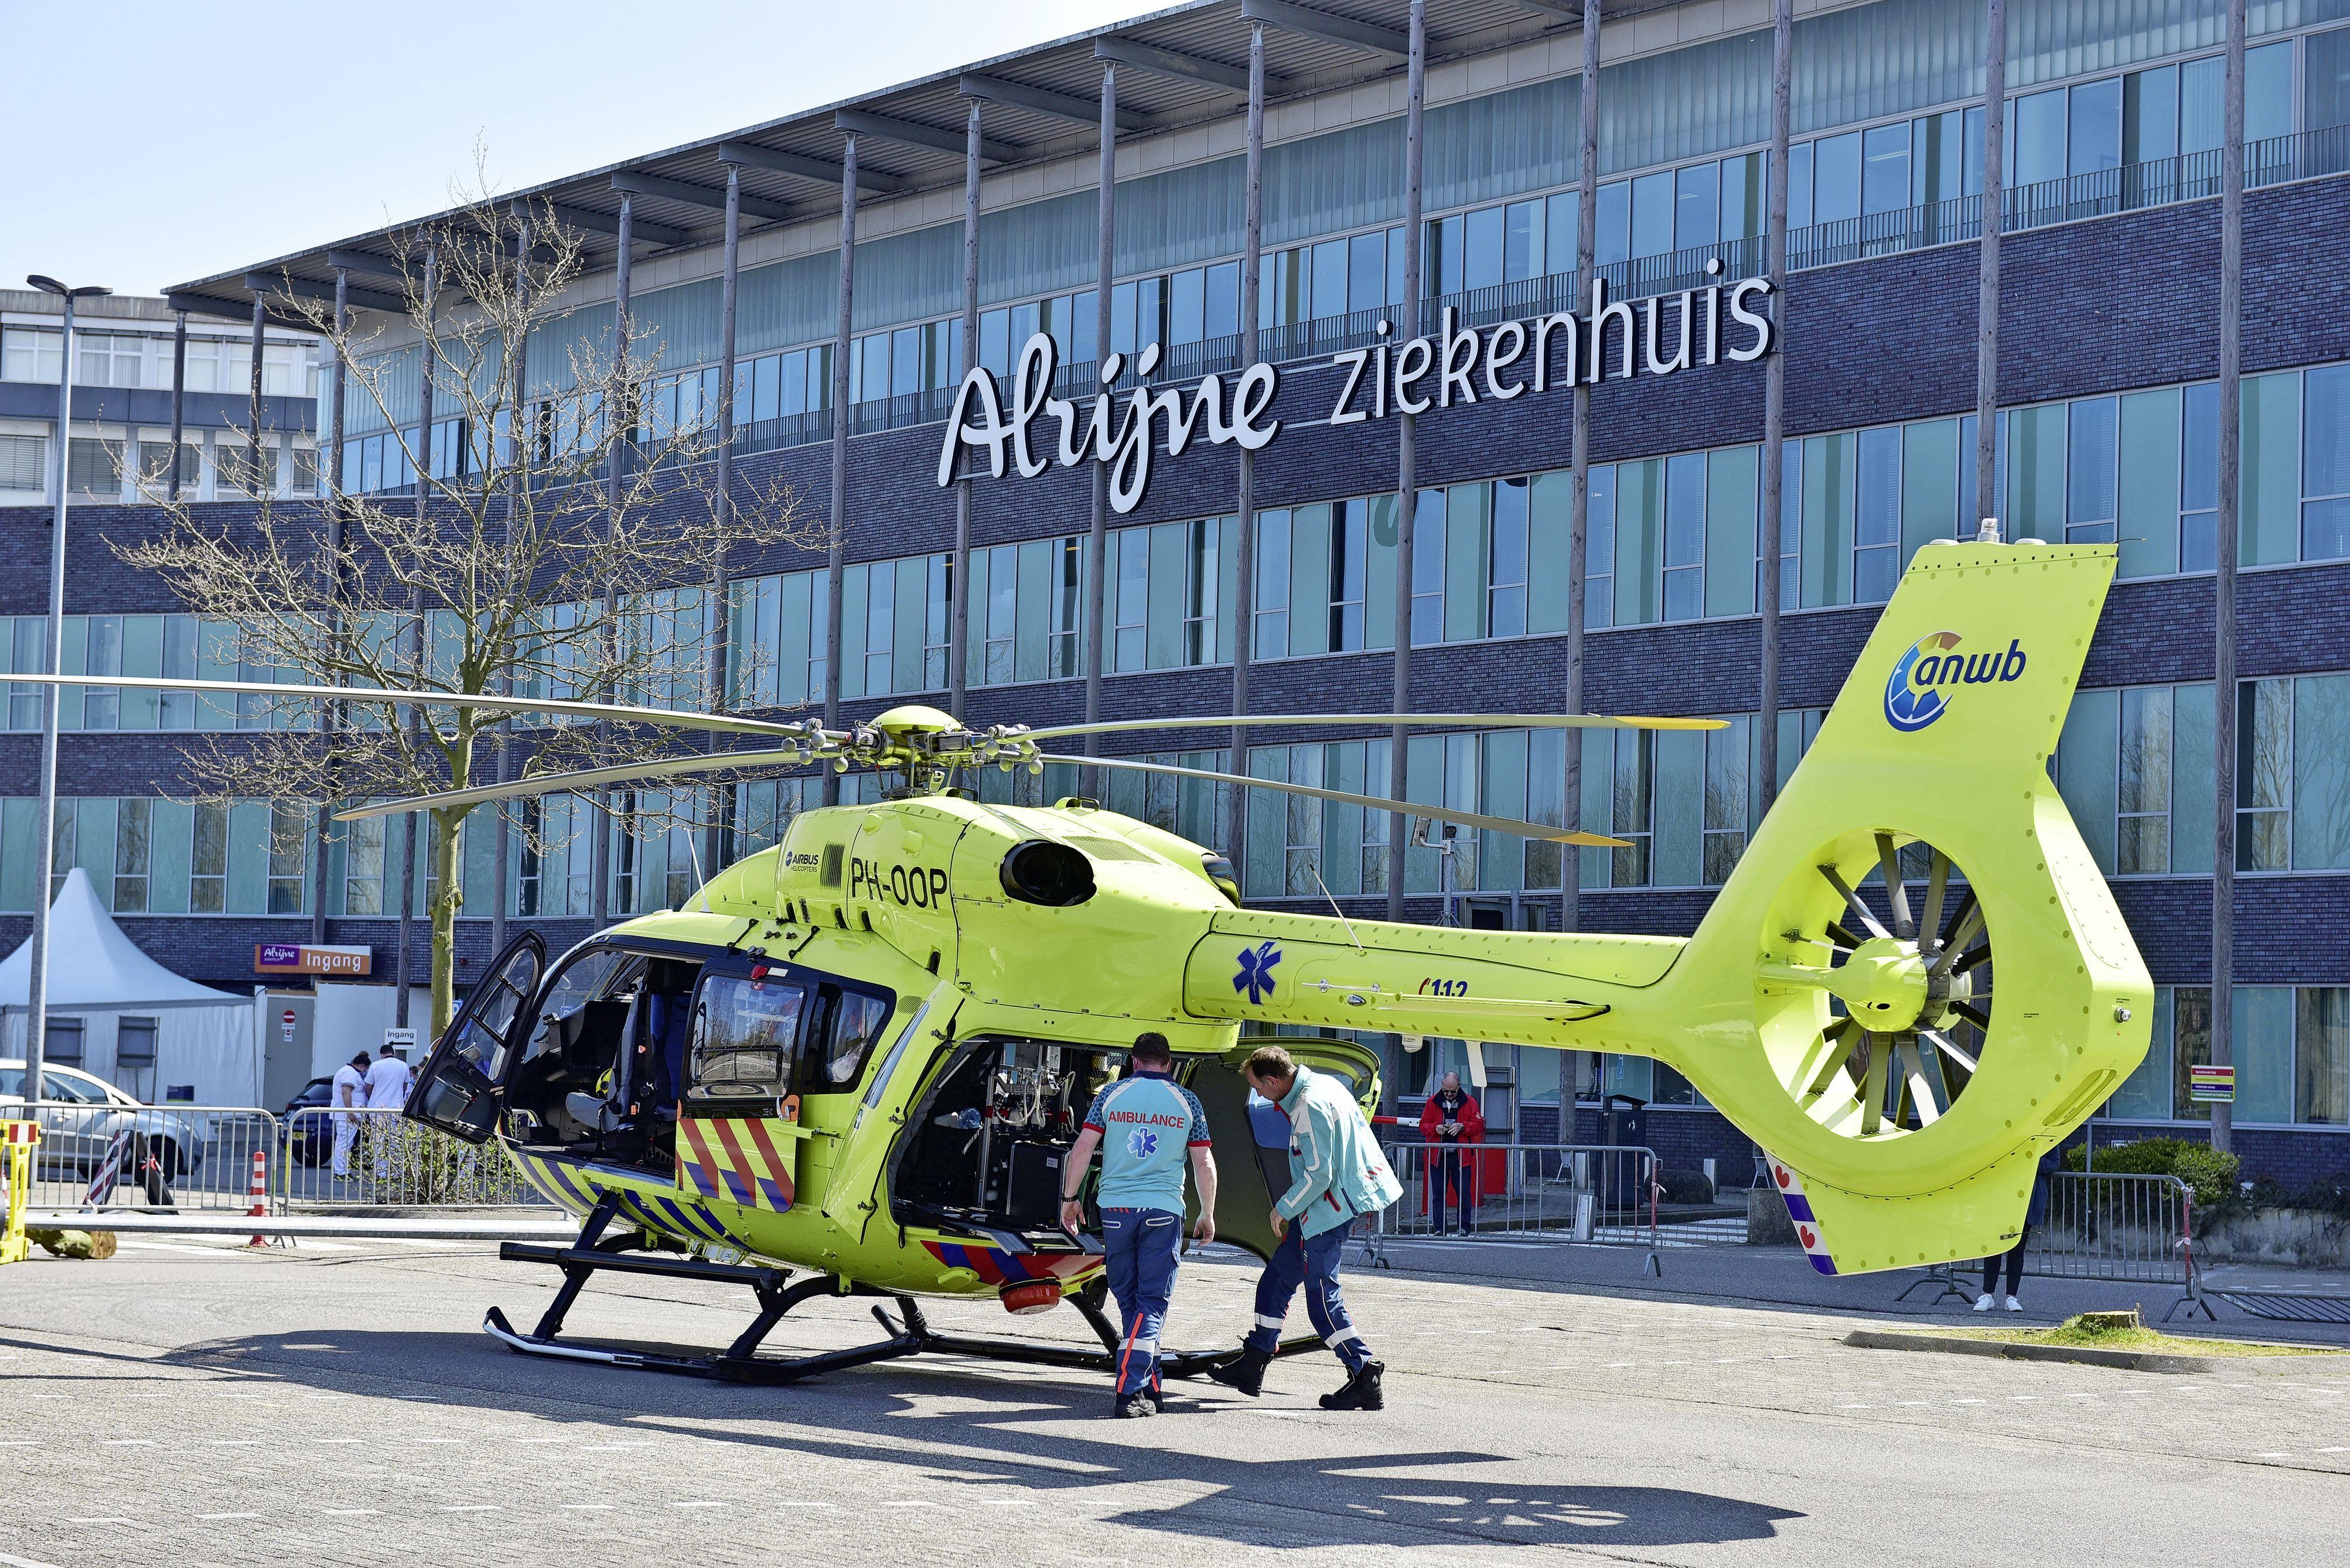 Alrijne: parkeerplaats in Leiderdorp nu ook landingsplek voor de traumahelikopter